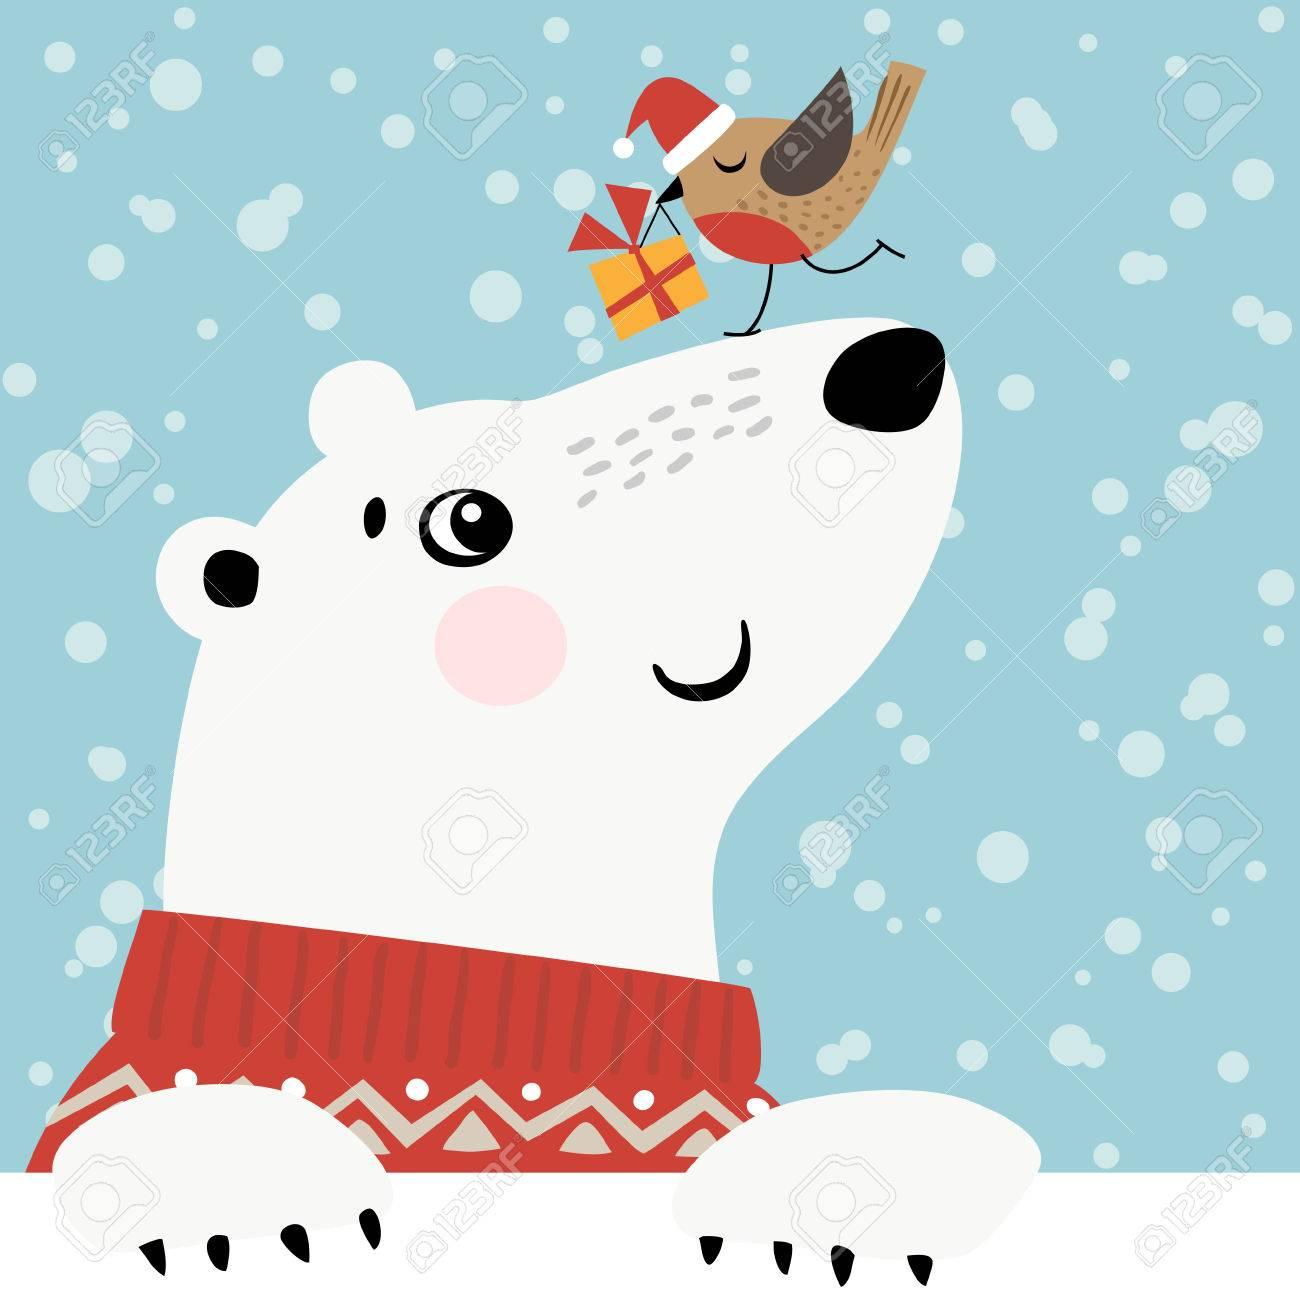 Christmas greeting card with polar bear and little bird. - 44418781